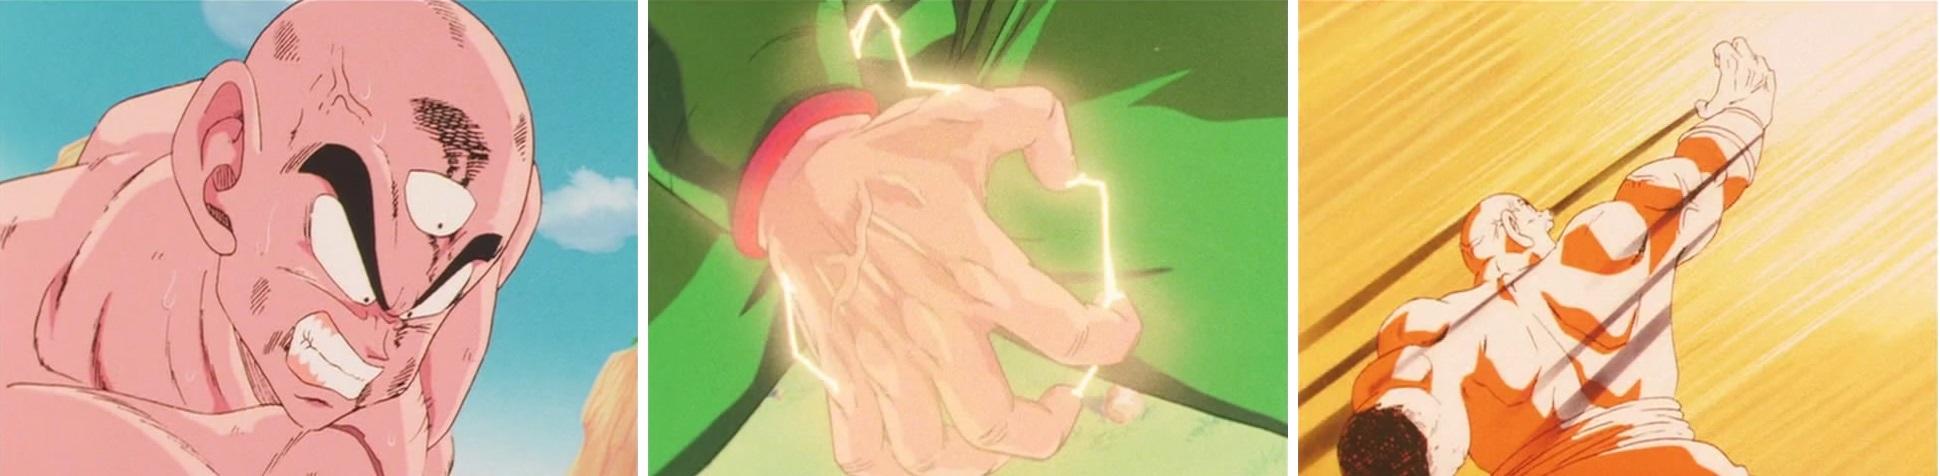 Kazuya Hisada a animé de nombreuses scènes en tant qu'animateur clé. Celle du Kikōhō de Ten Shin Han est l'une d'entre elles